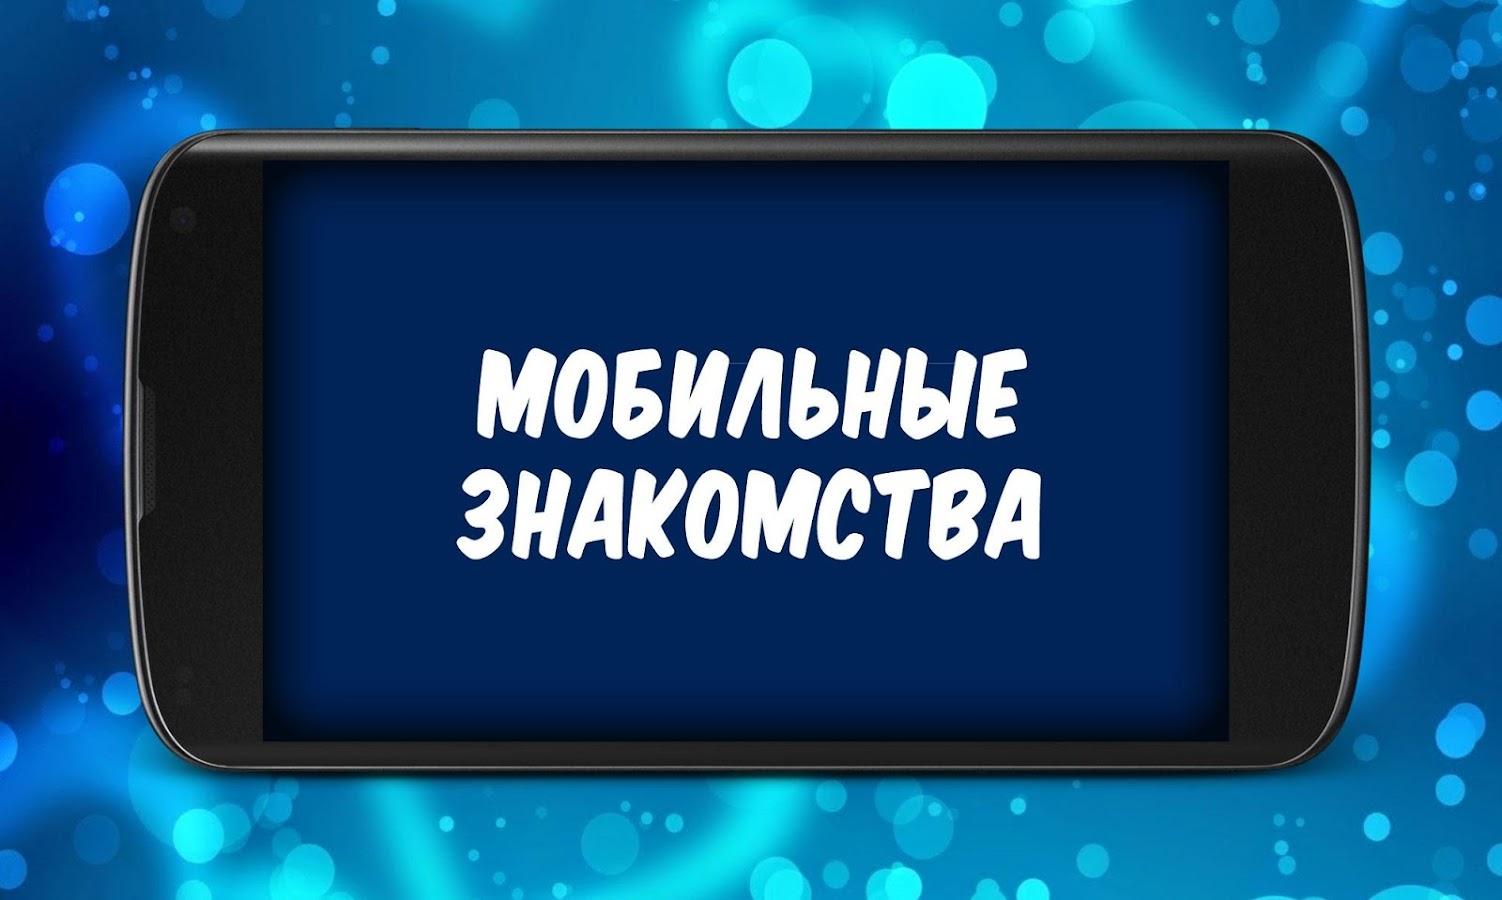 знакомства без регистрации для мобильника